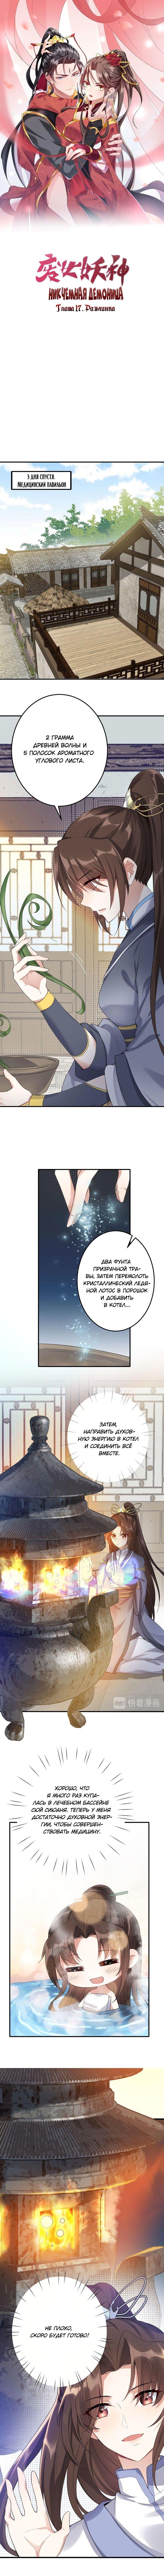 Манга Никчёмная демоница - Глава 17 Страница 1